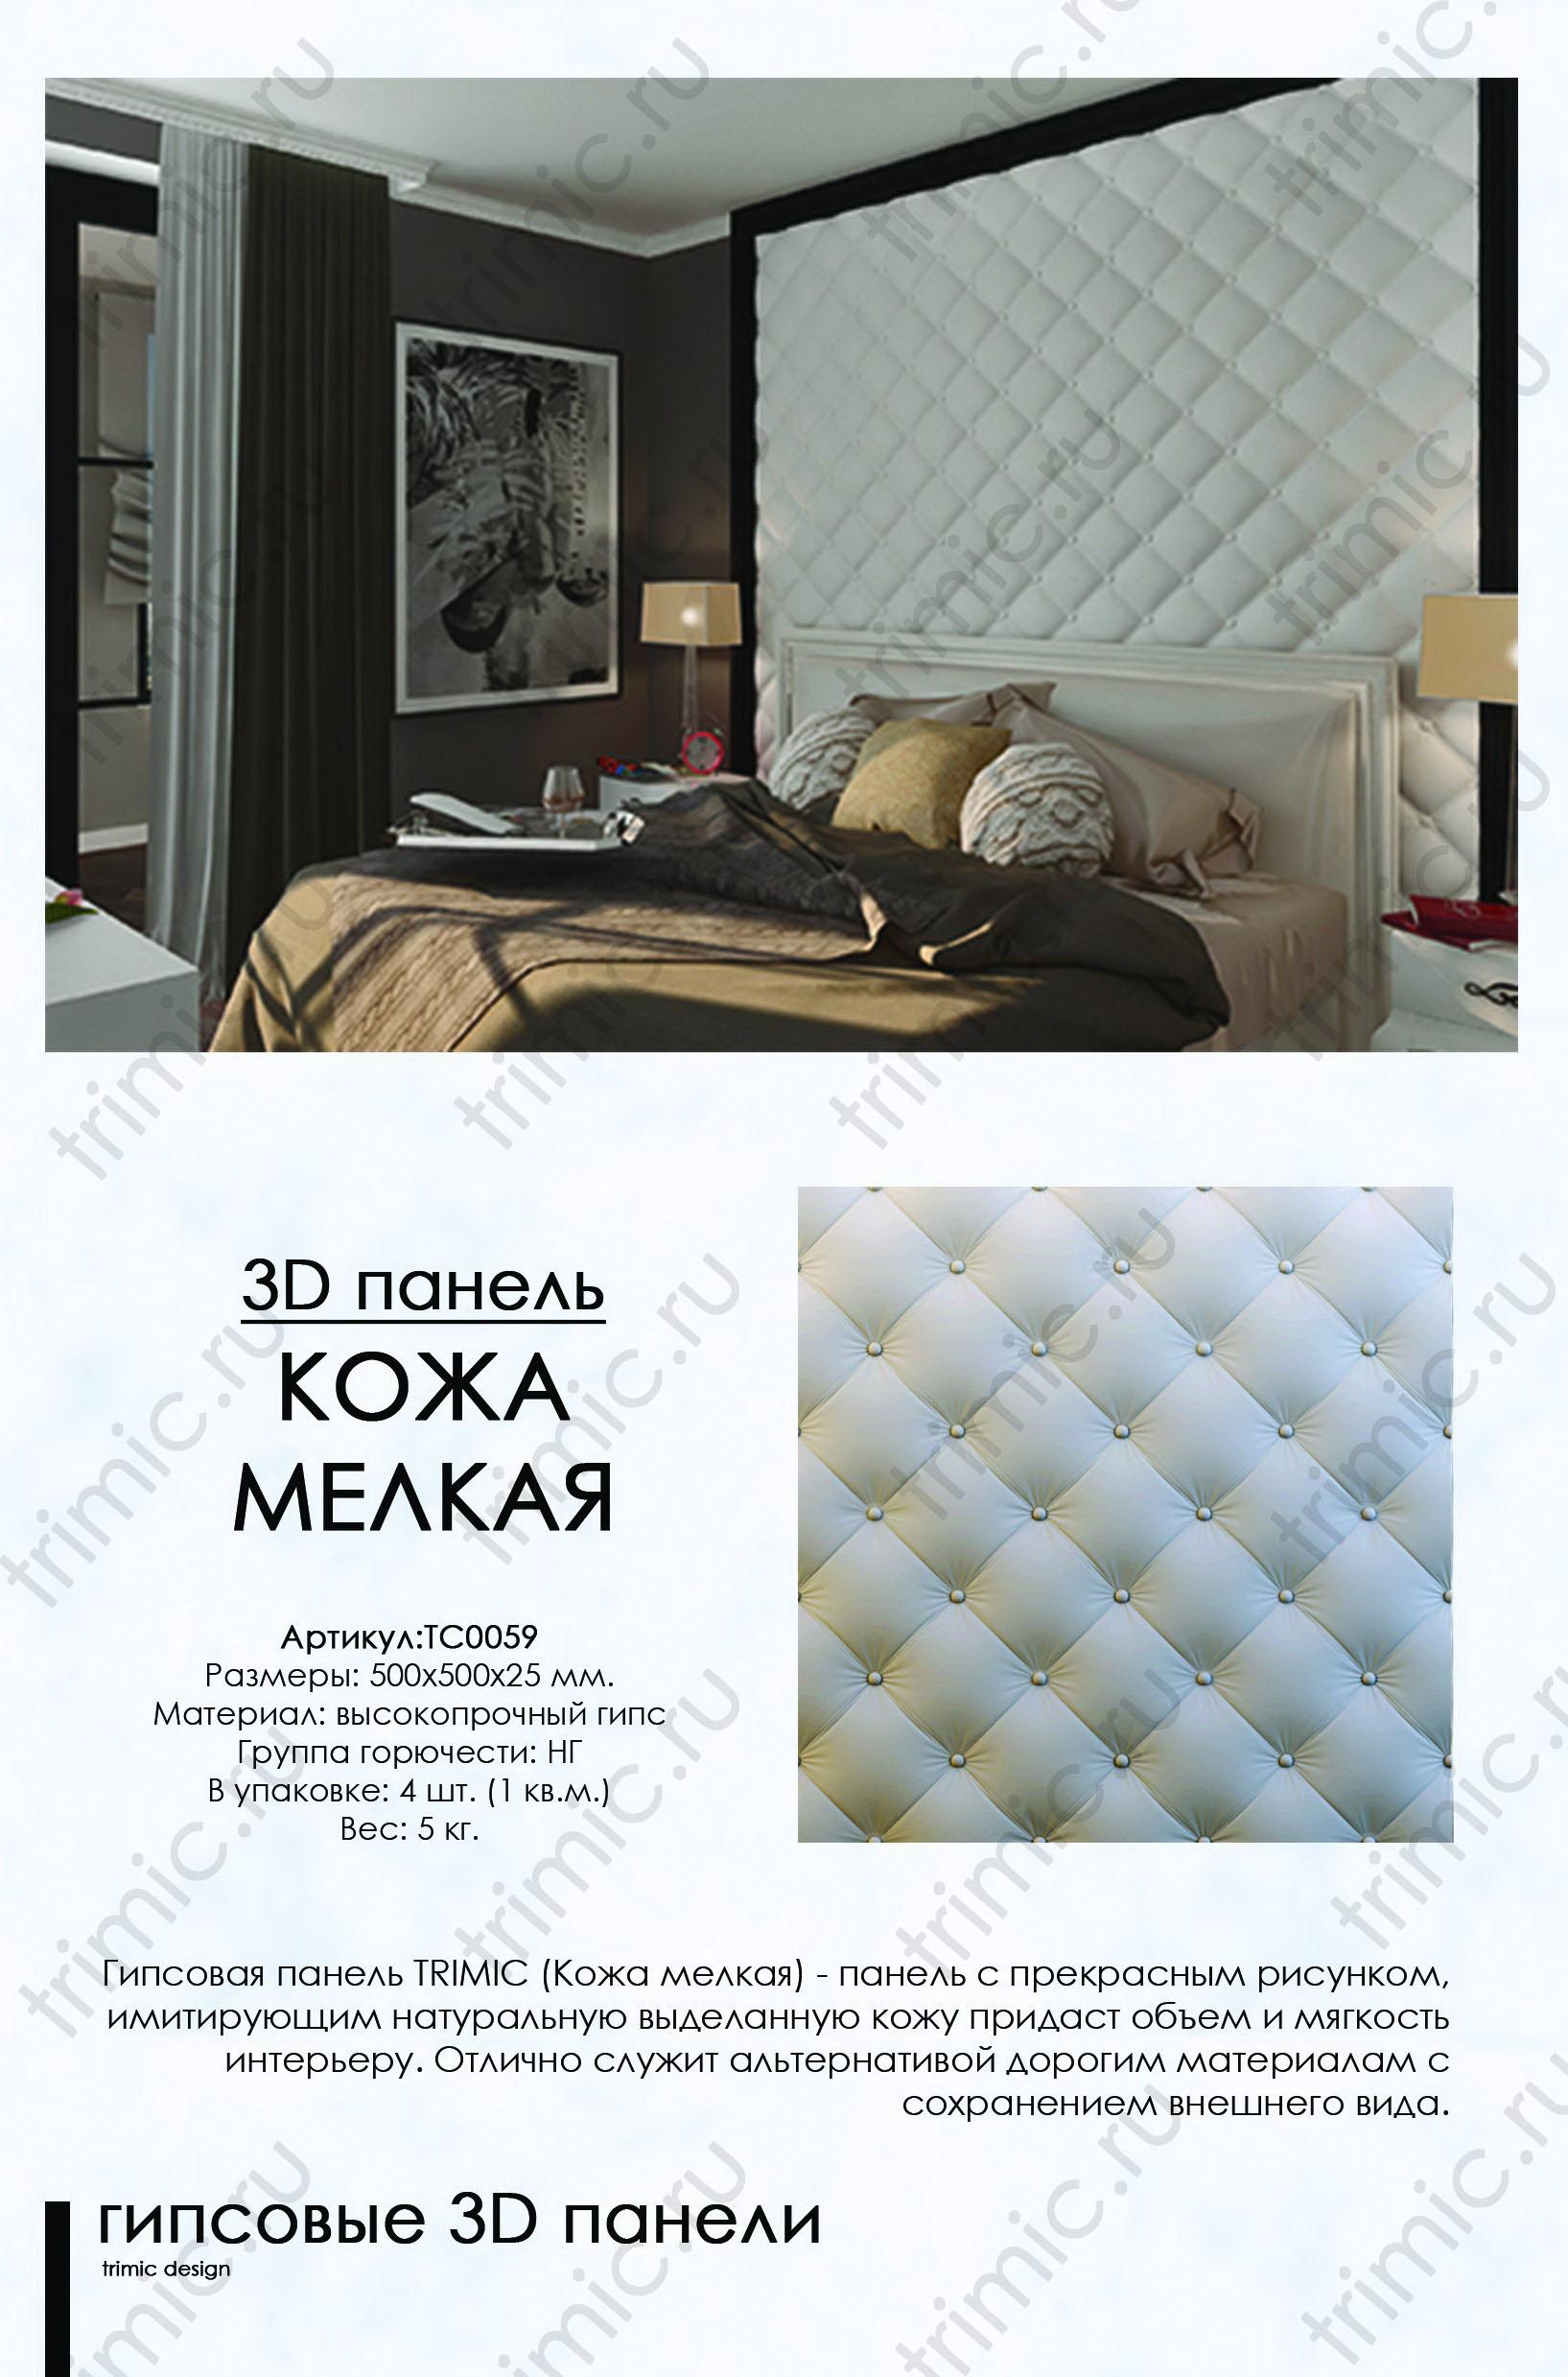 """3D панель из гипса """"Кожа мелкая""""для интерьерного оформления стен."""